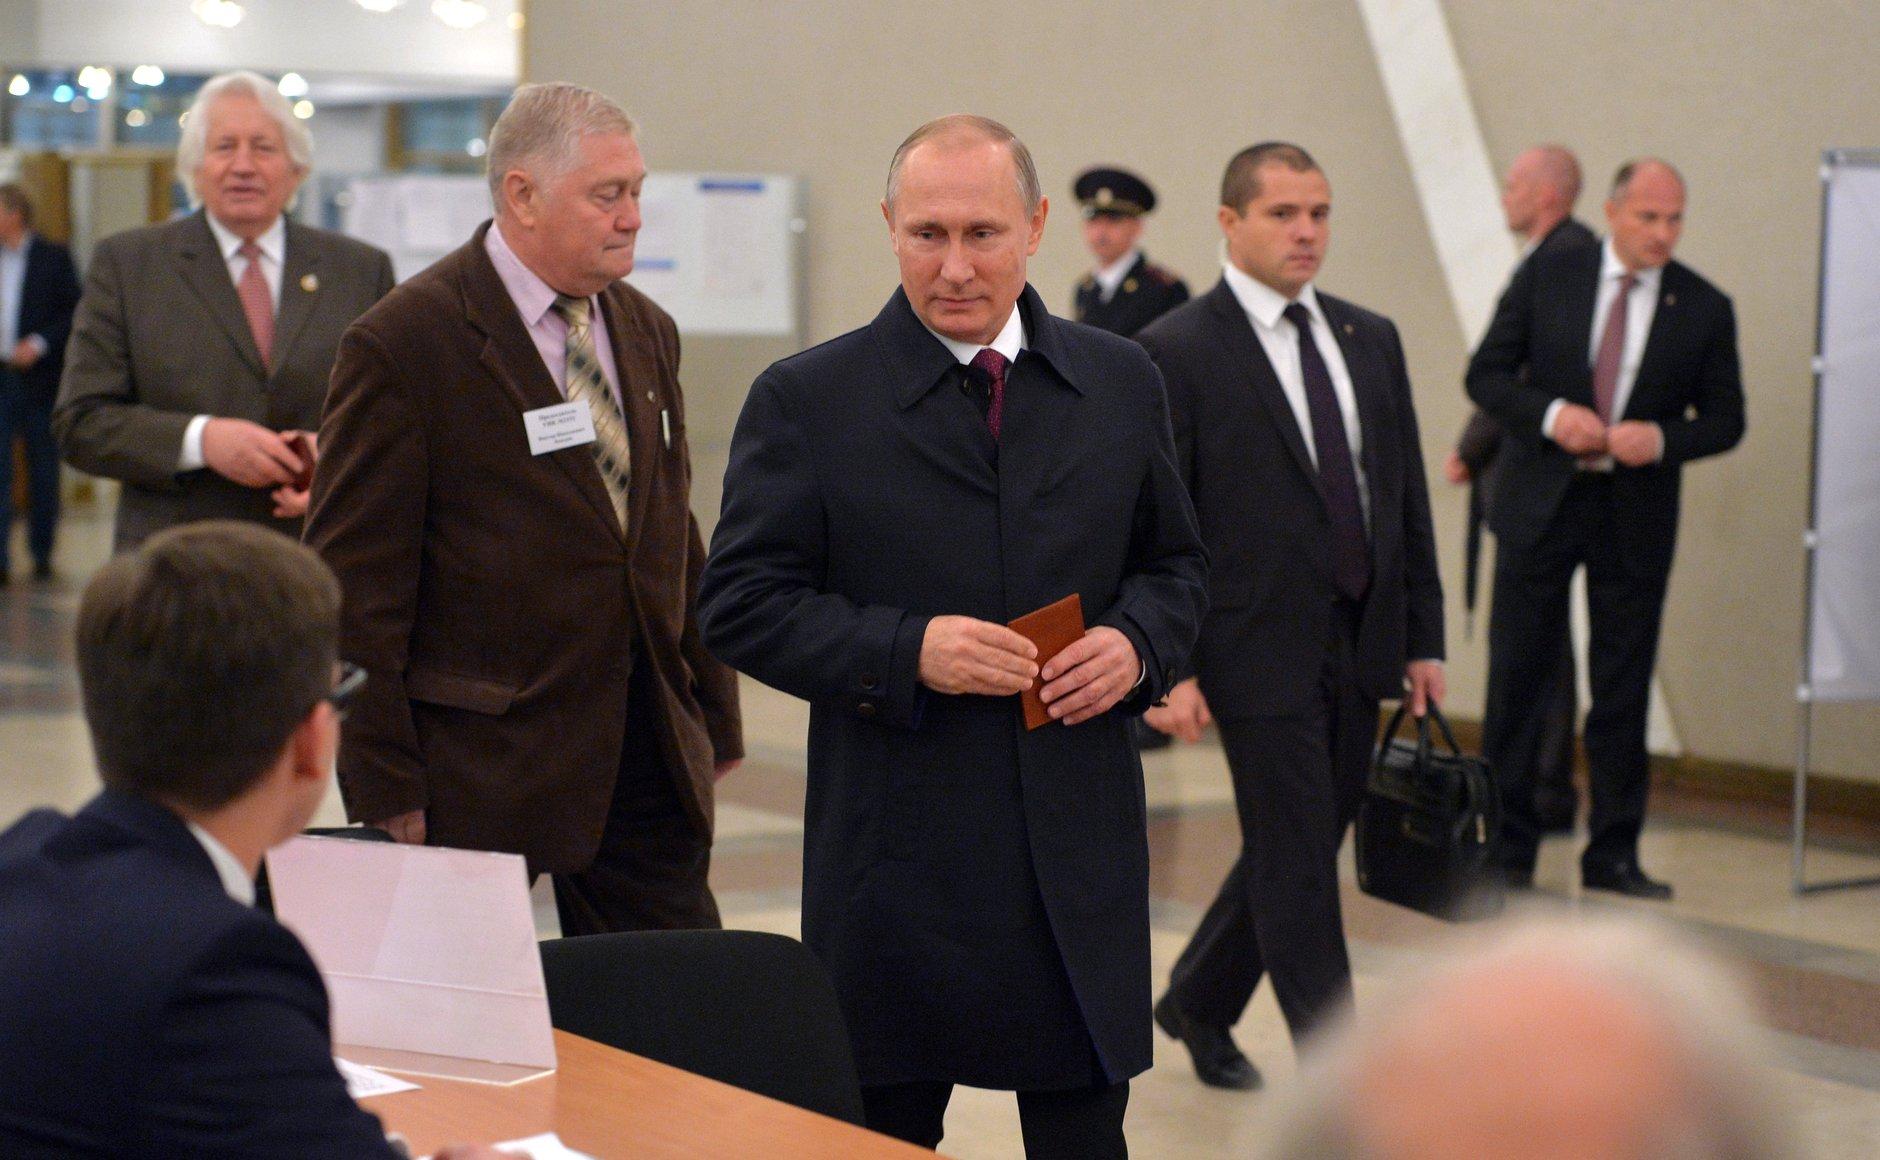 Les élections législatives russes : Décryptage